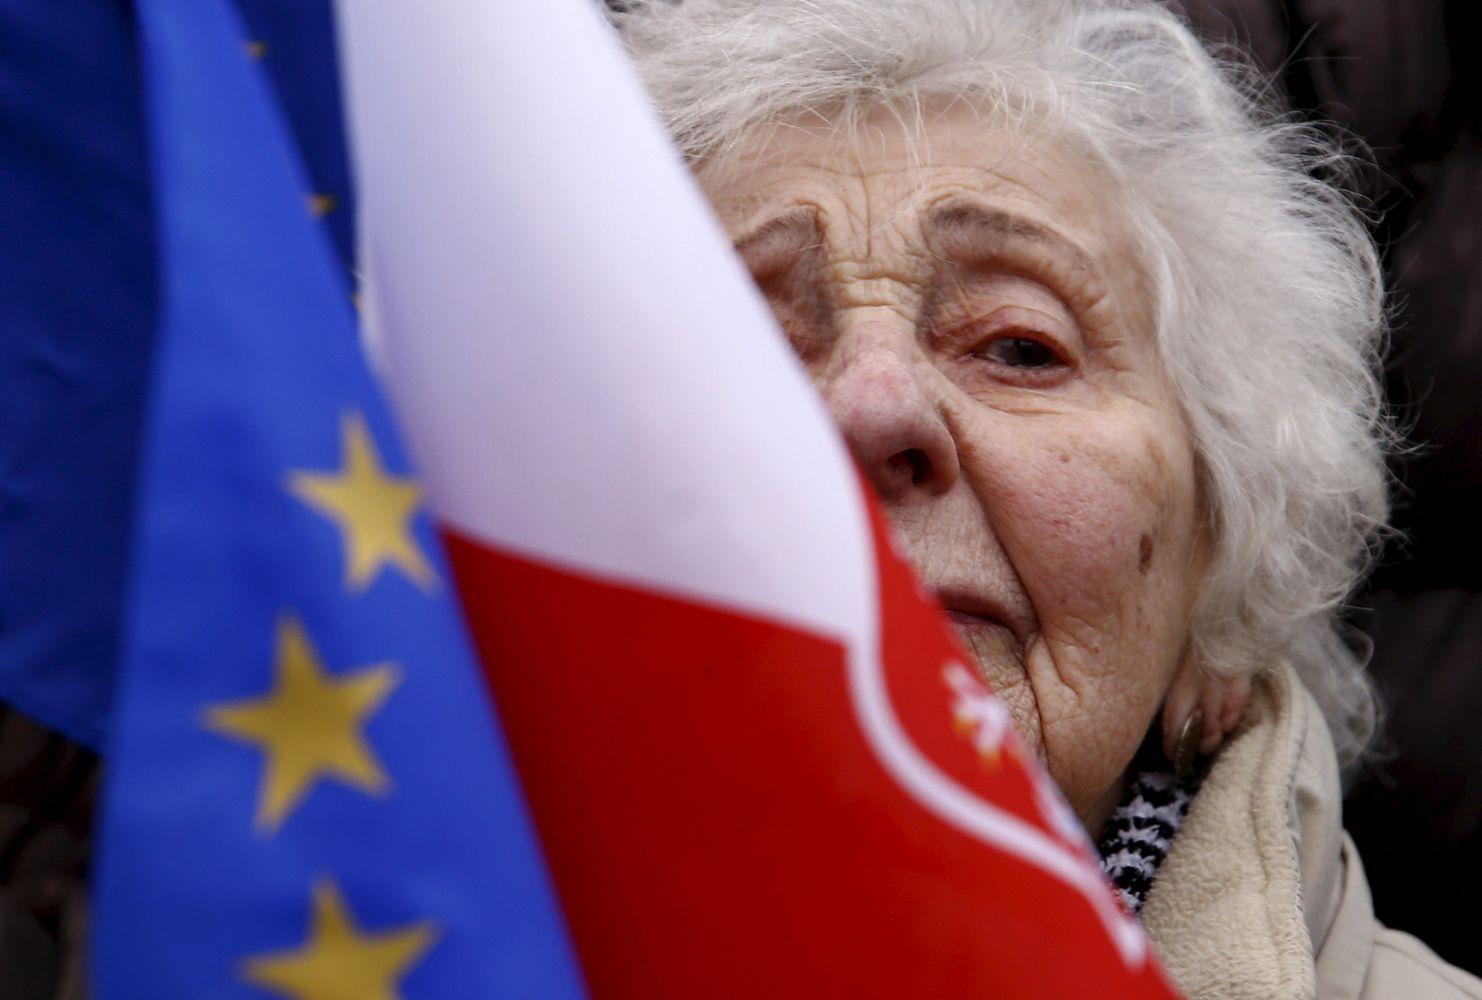 Lenkijoje patvirtinta darbdavius privalomai įtrauksianti papildomo pensijų kaupimo programa